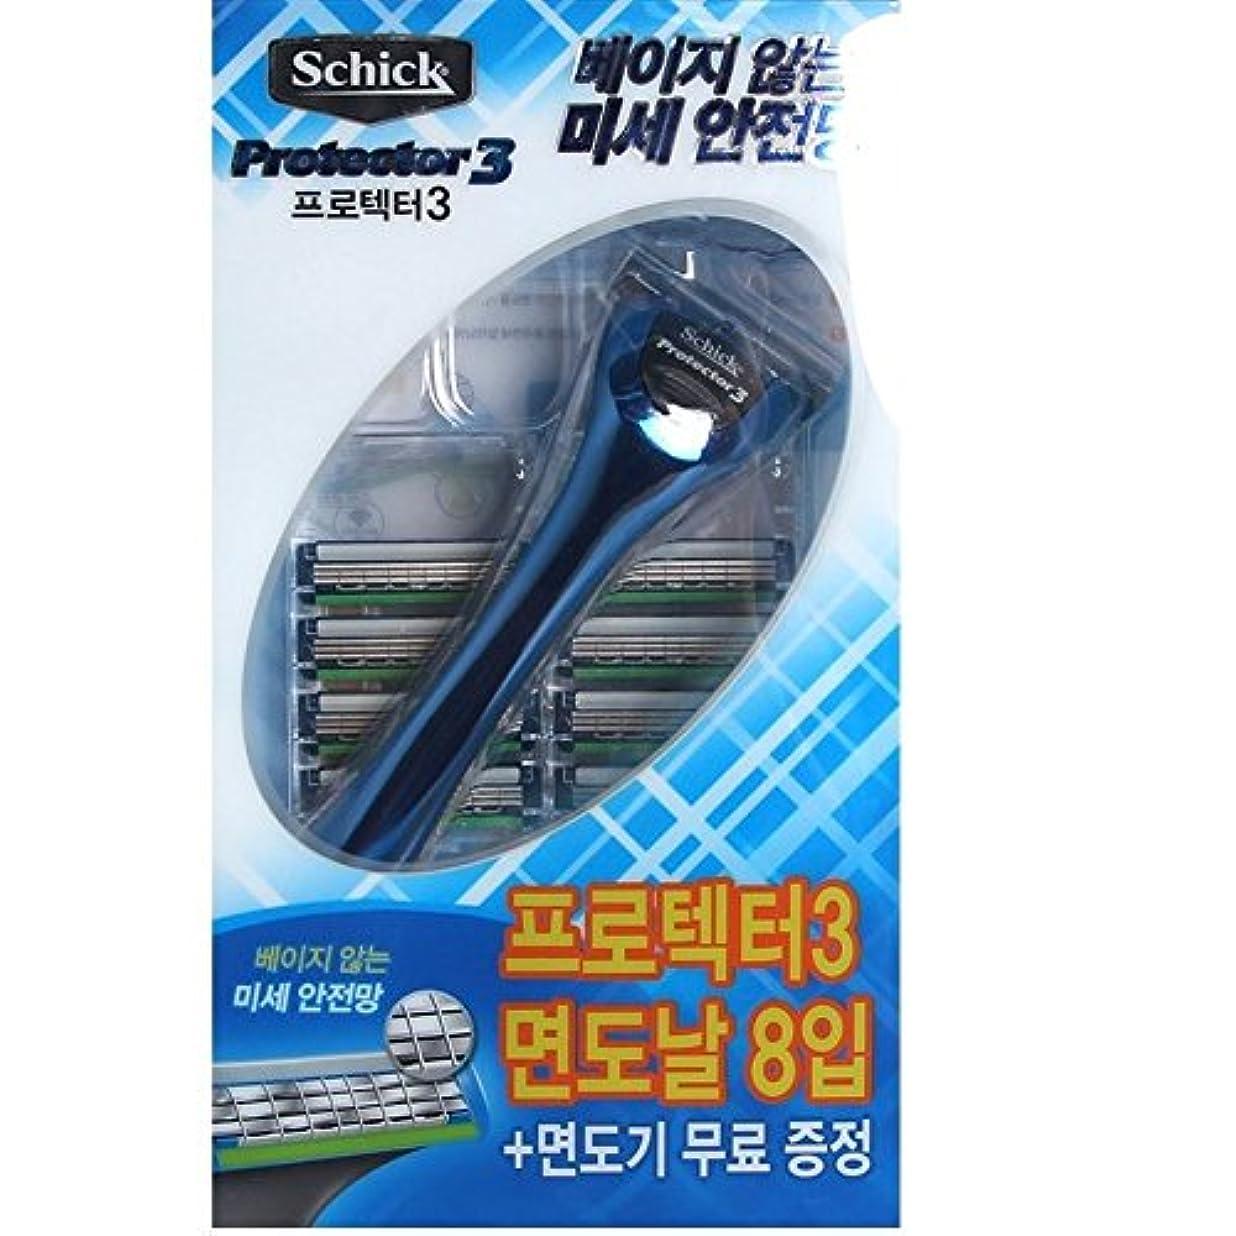 数強制二Schick Protector3 1レイザー+9カートリッジリフィルブレイド [並行輸入品]